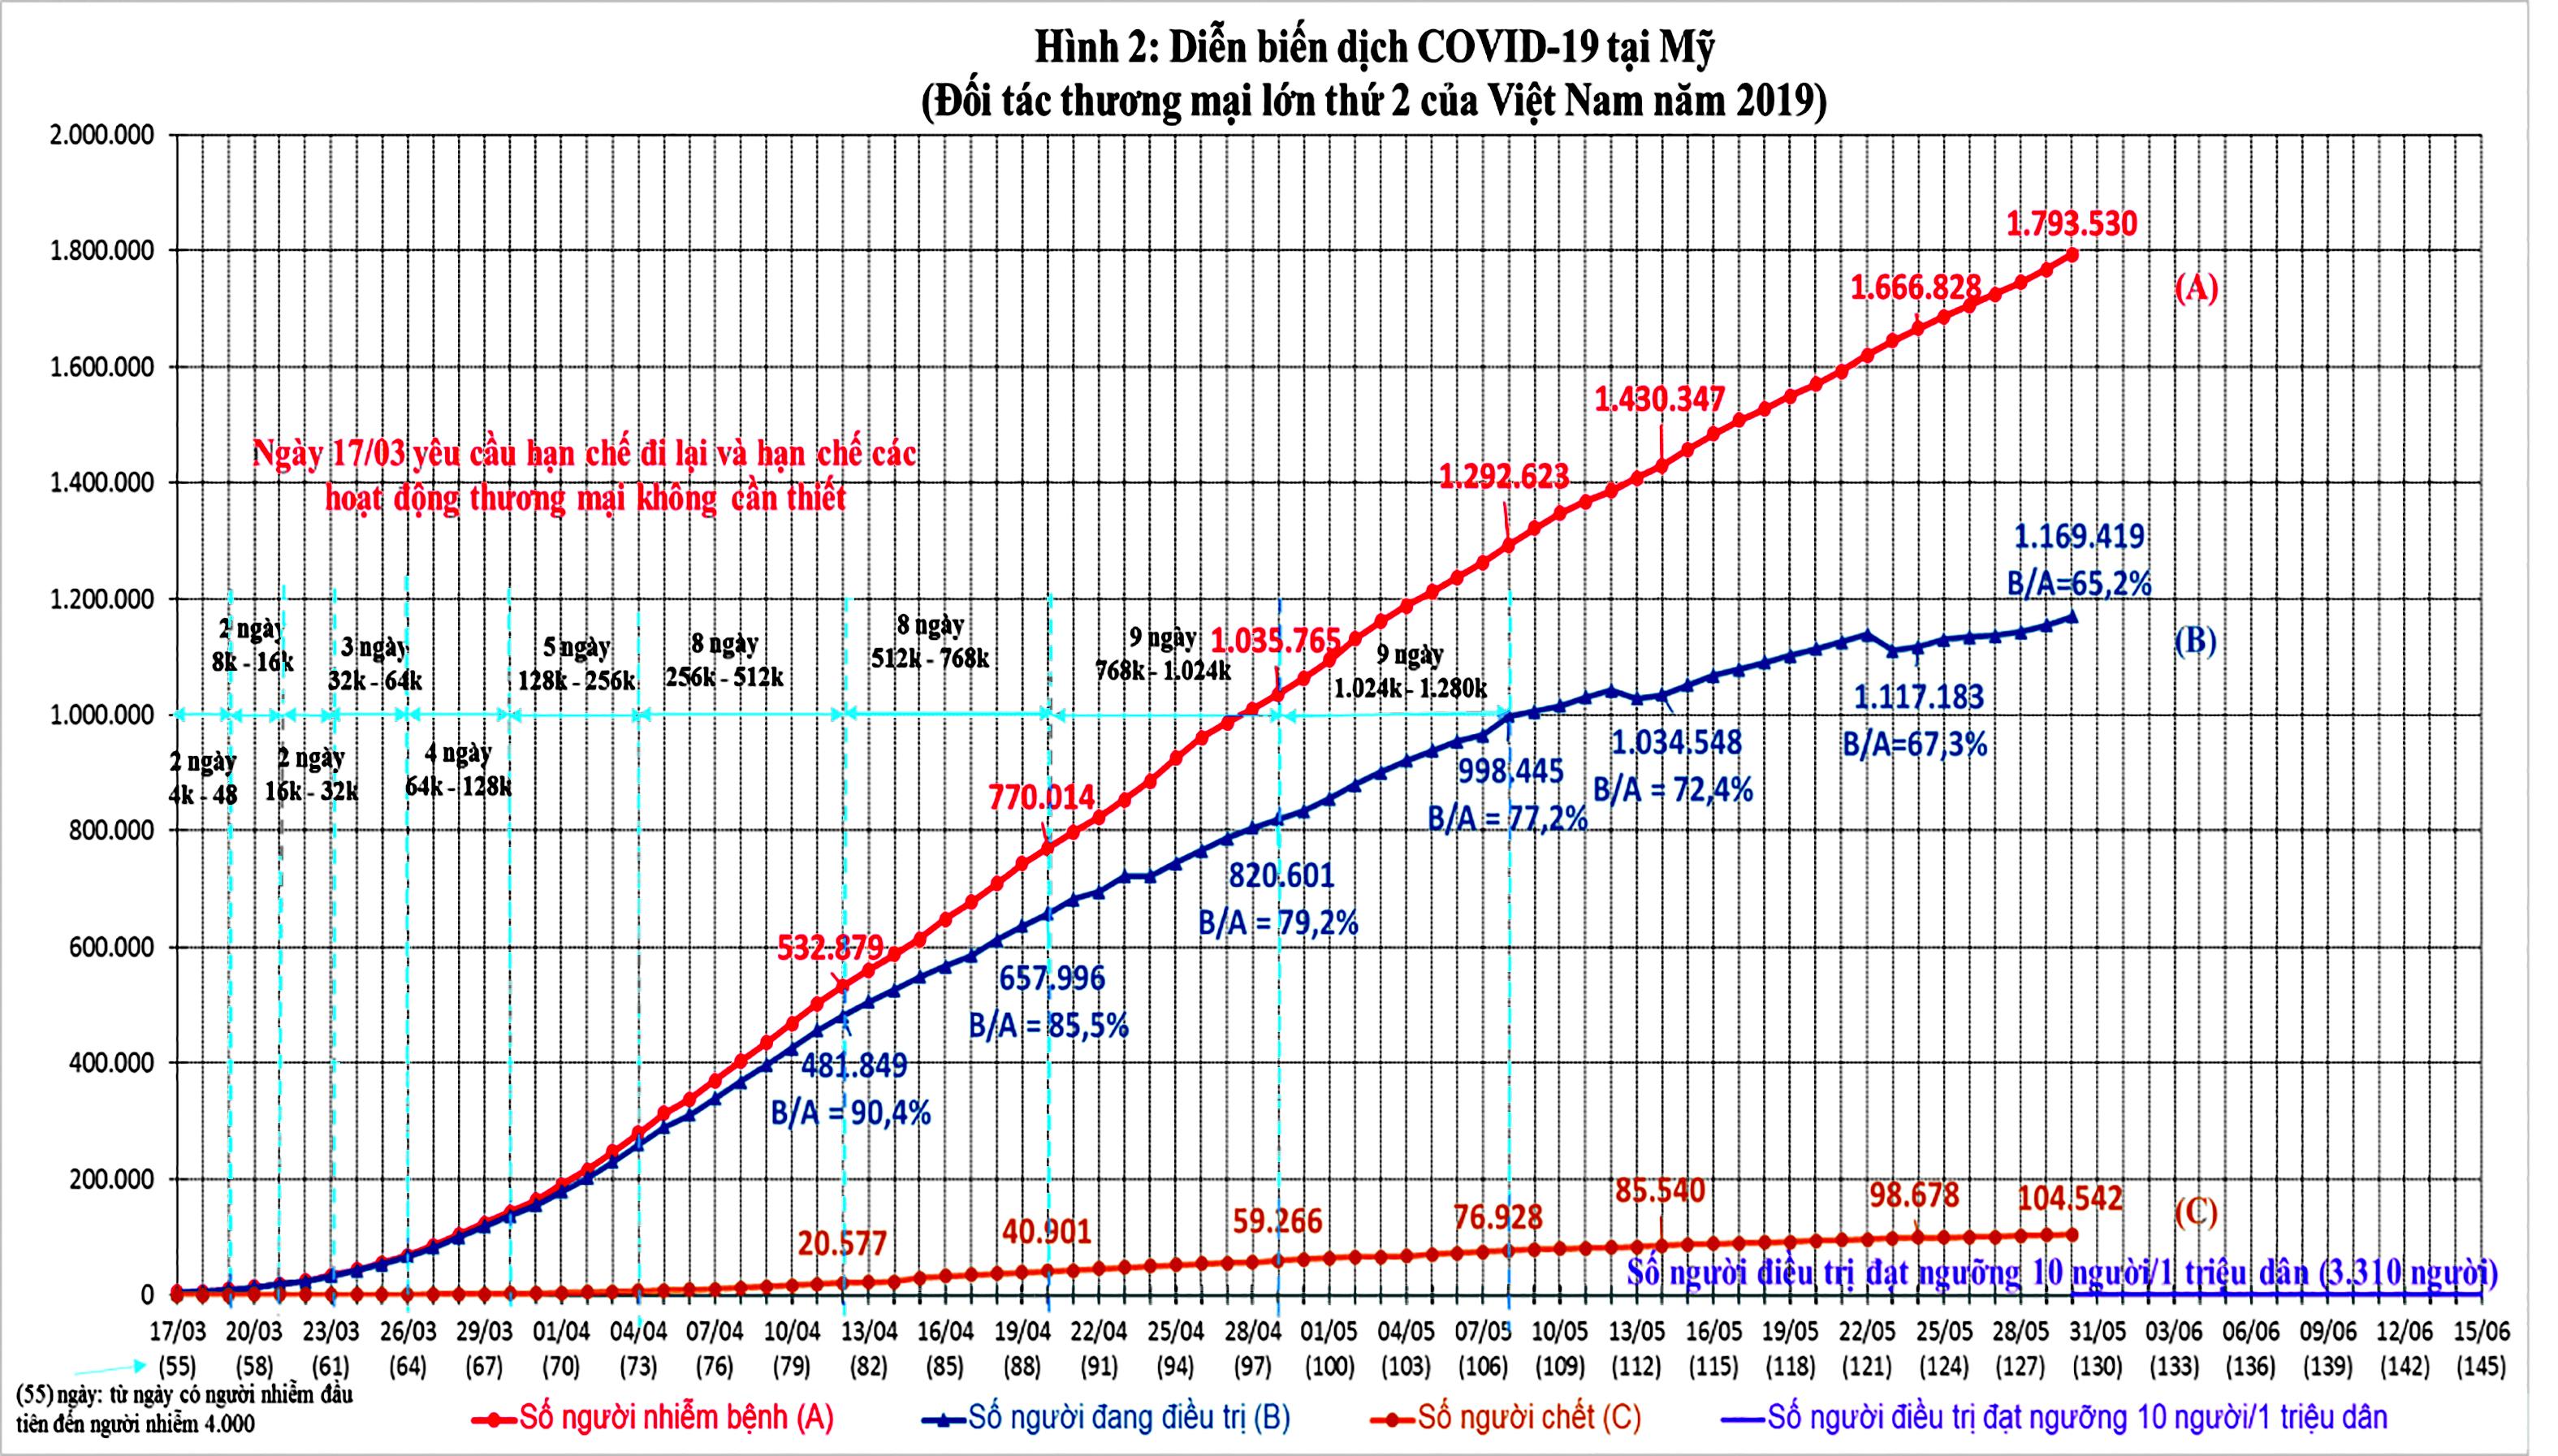 Diễn biến dịch COVID-19 trên thế giới và kiến nghị 9 nhóm giải pháp phục hồi phát triển kinh tế Việt Nam ảnh 5